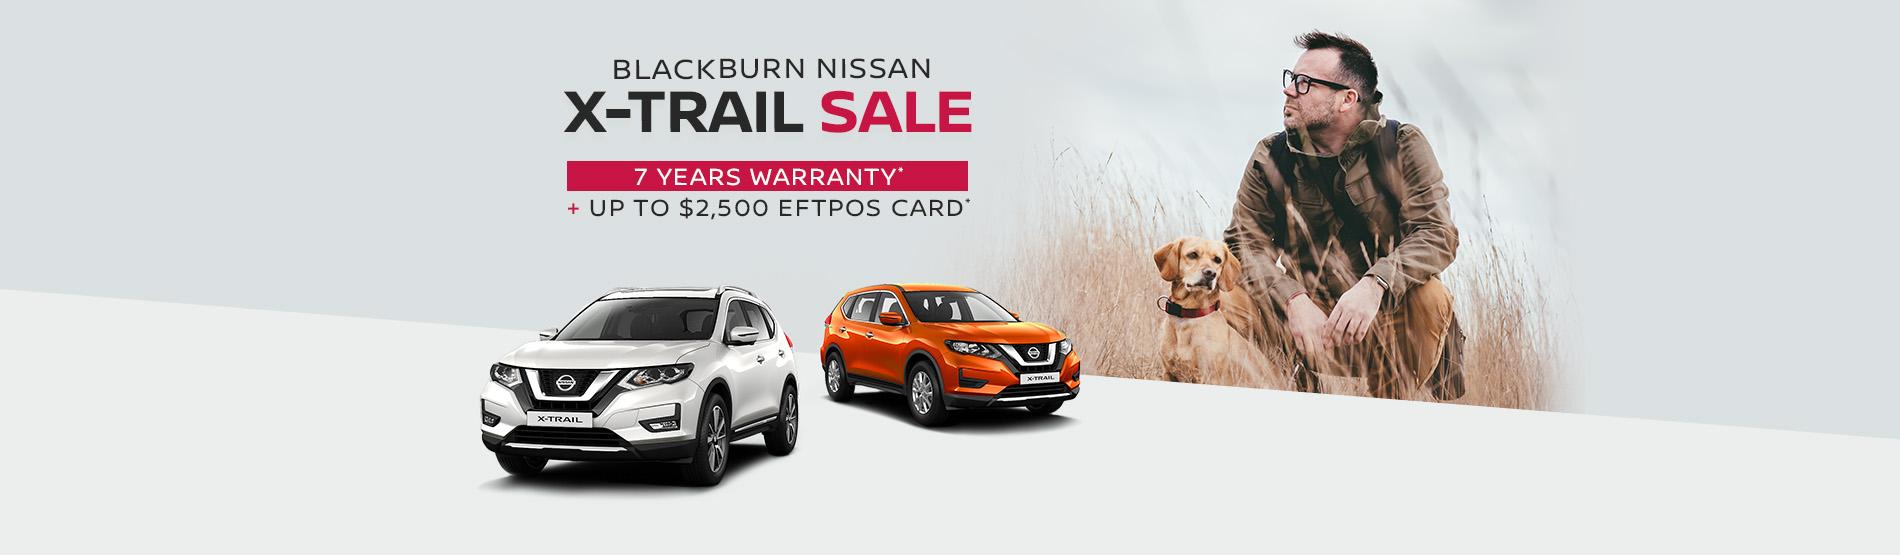 Blackburn Nissan - X-Trail Sale